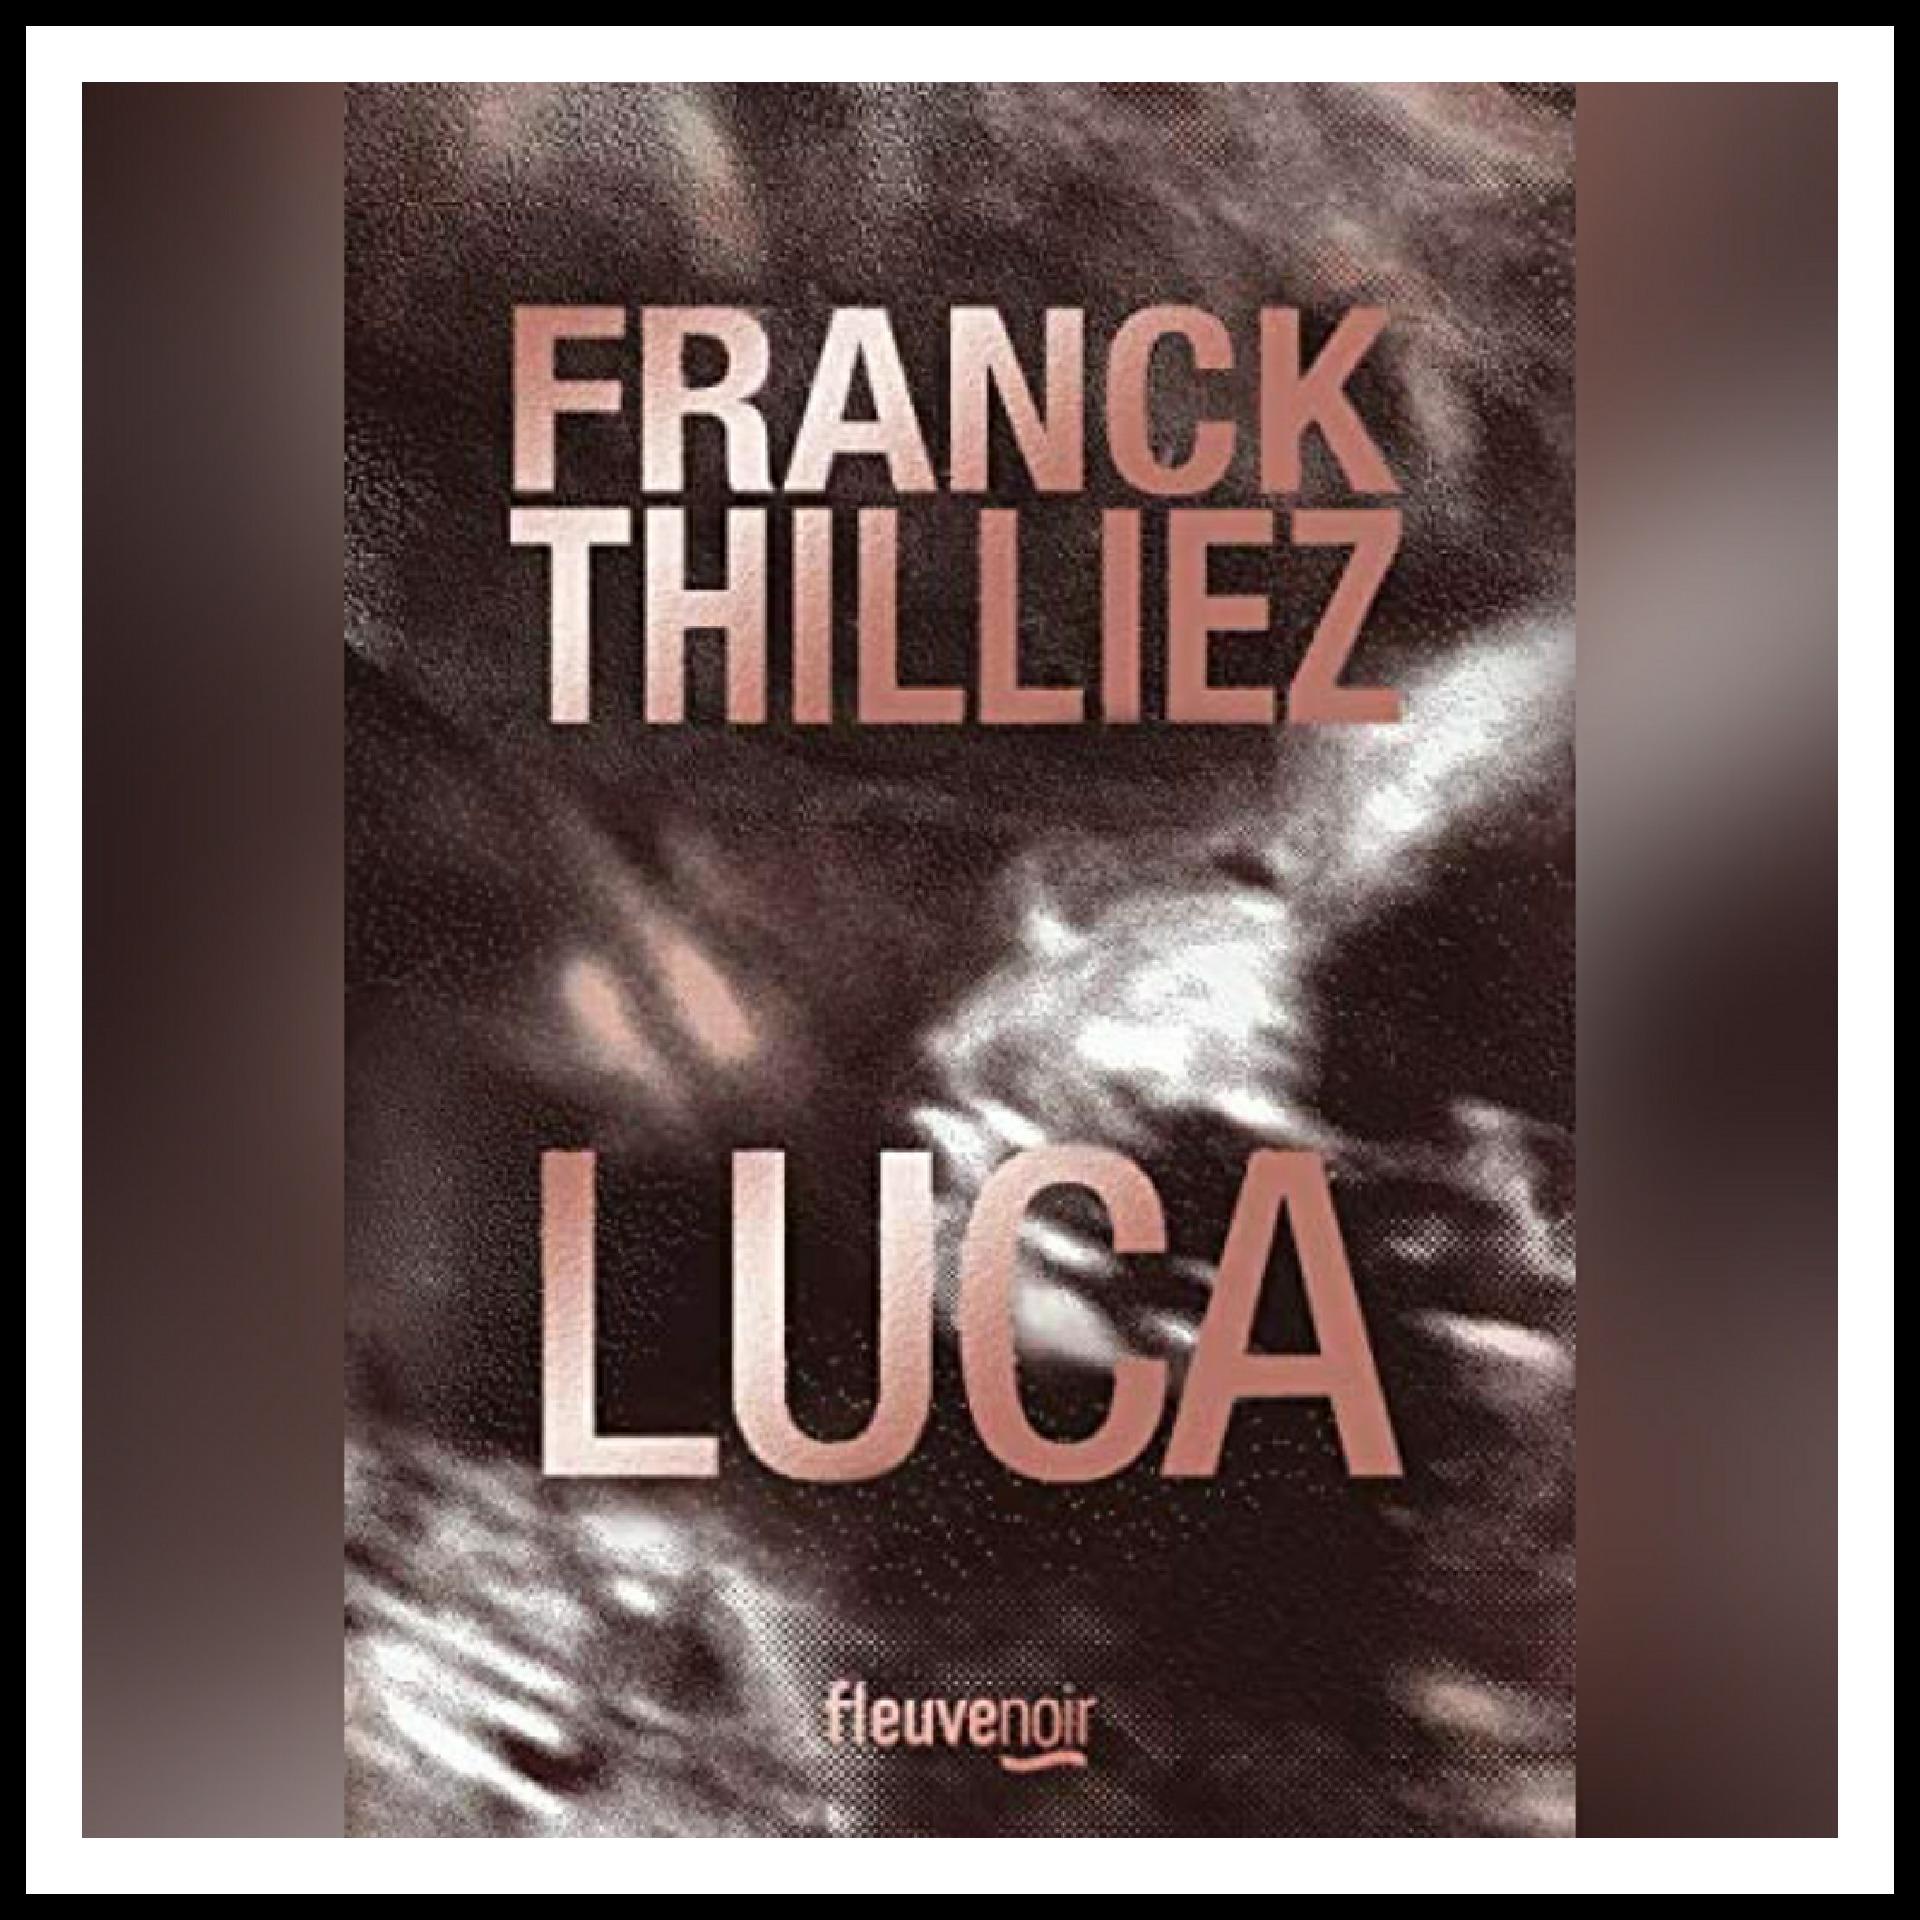 Chroniques 2019 \ Luca de Franck Thilliez